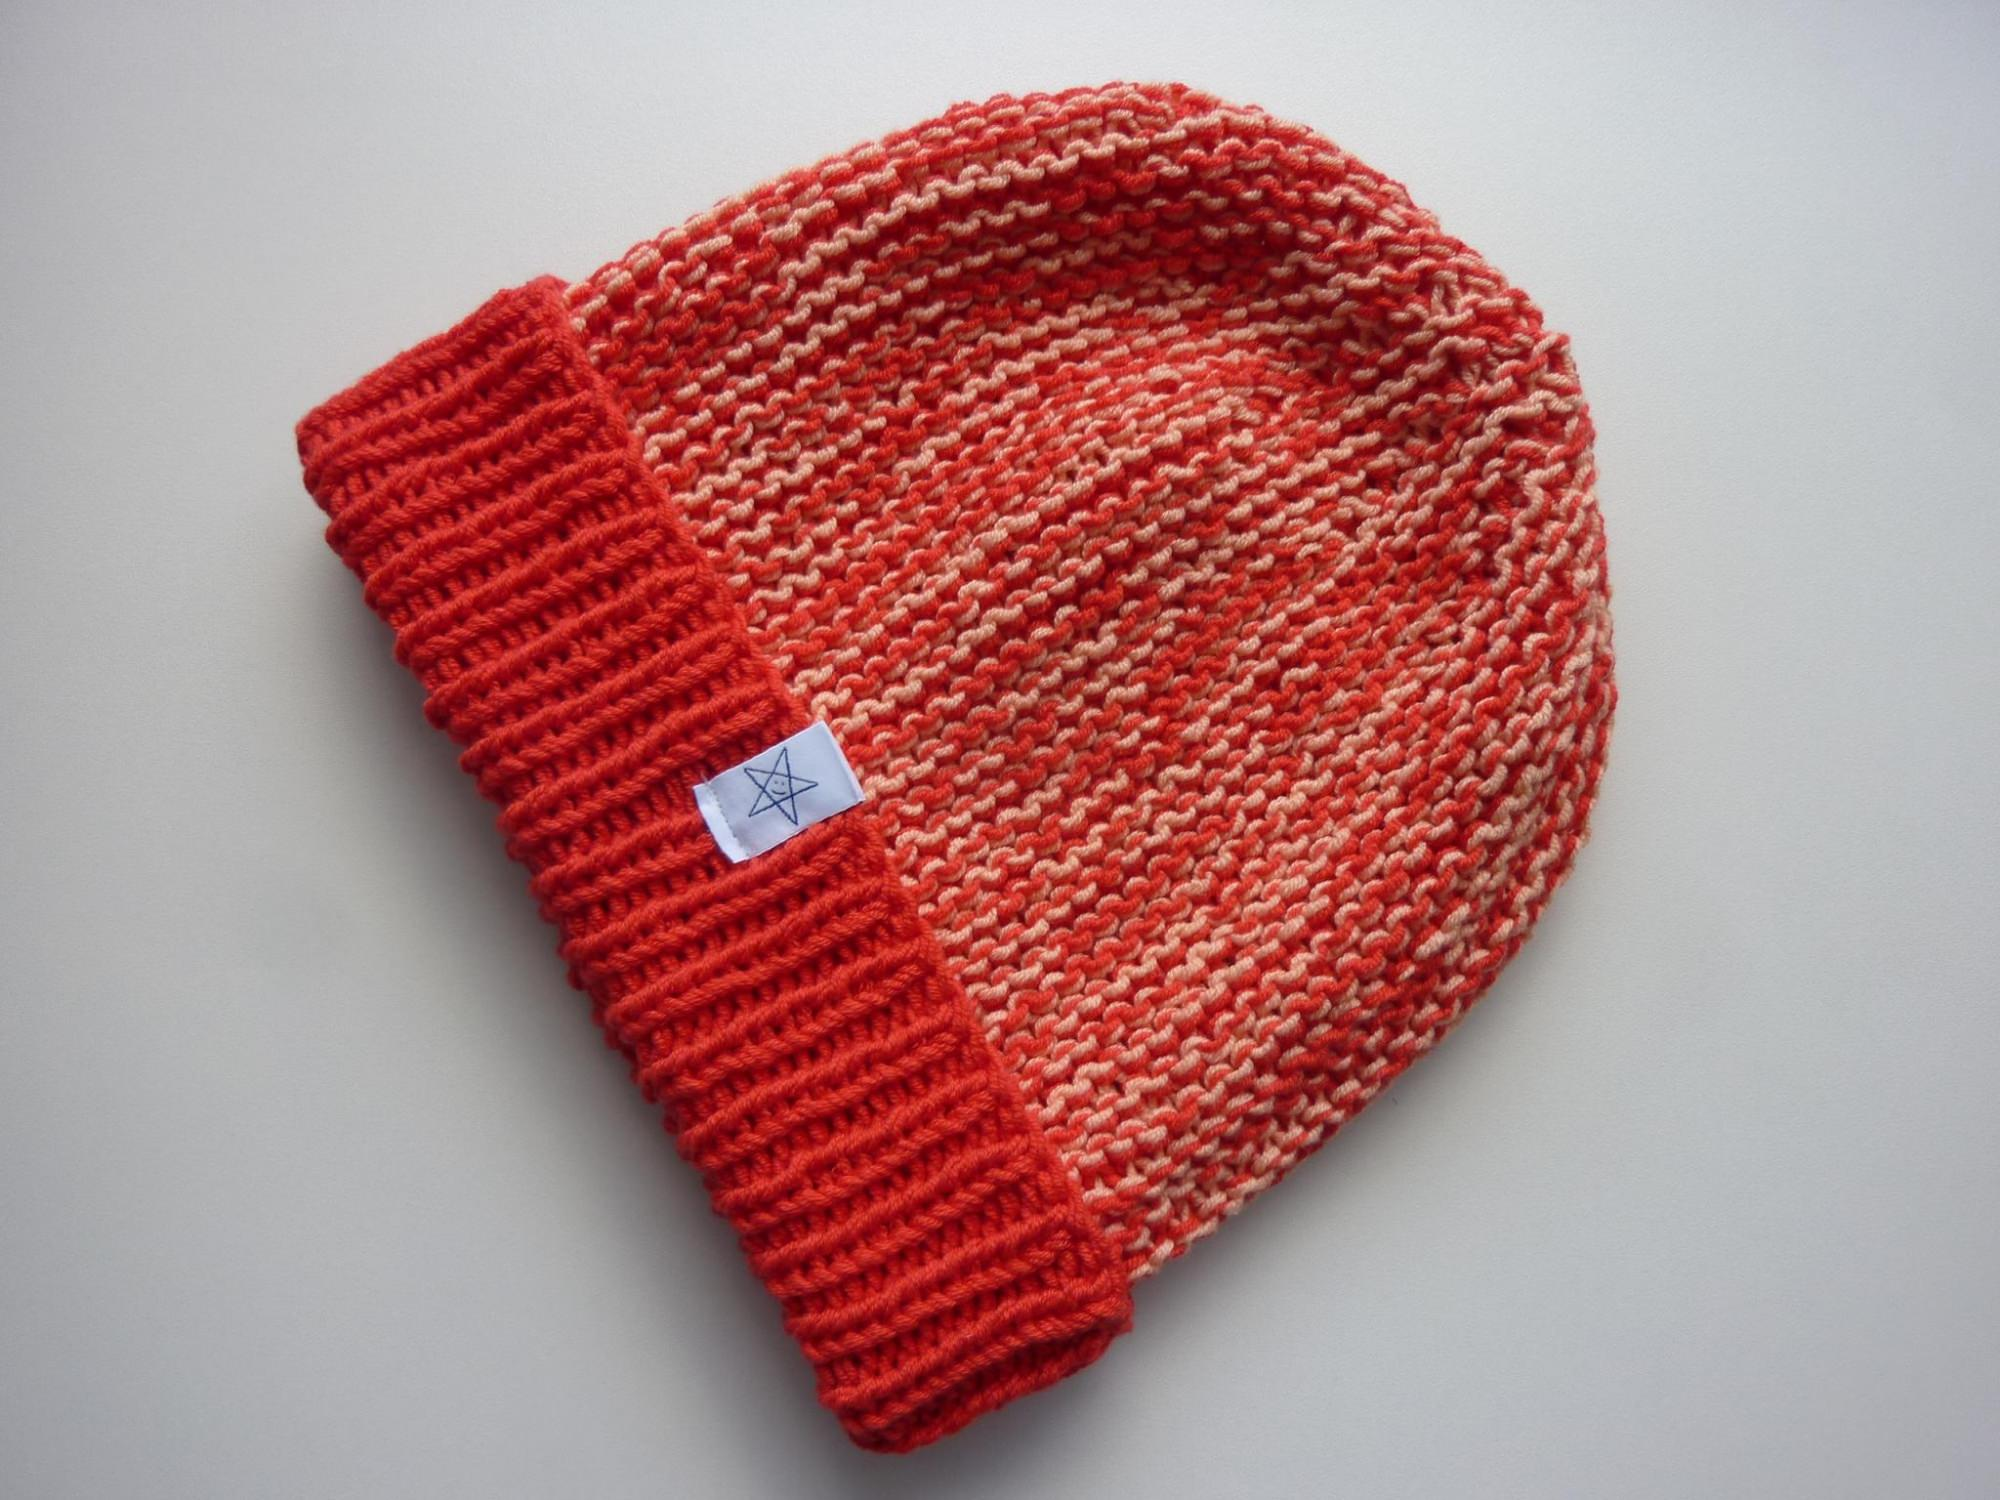 Kleinesbild - Strickmütze Rot Lachs mit Umschlag aus Baumwolle handgestrickt